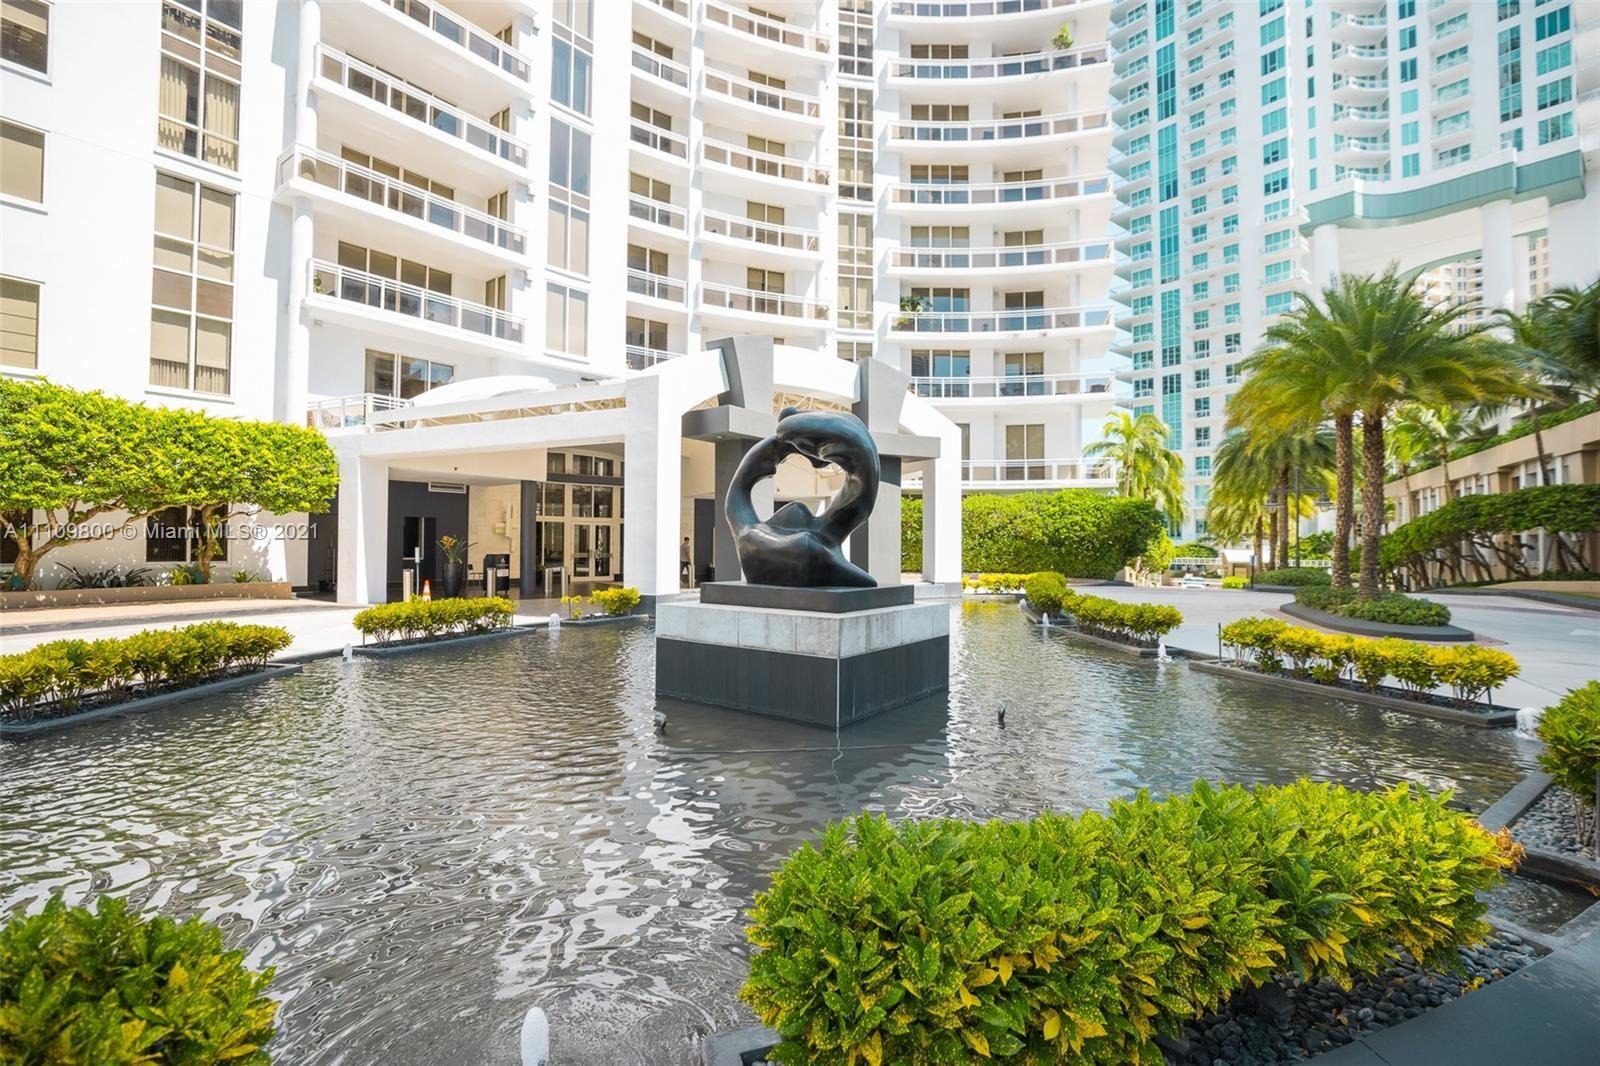 Photo of 901 Brickell Key Blvd #3205, Miami, FL 33131 (MLS # A11109800)